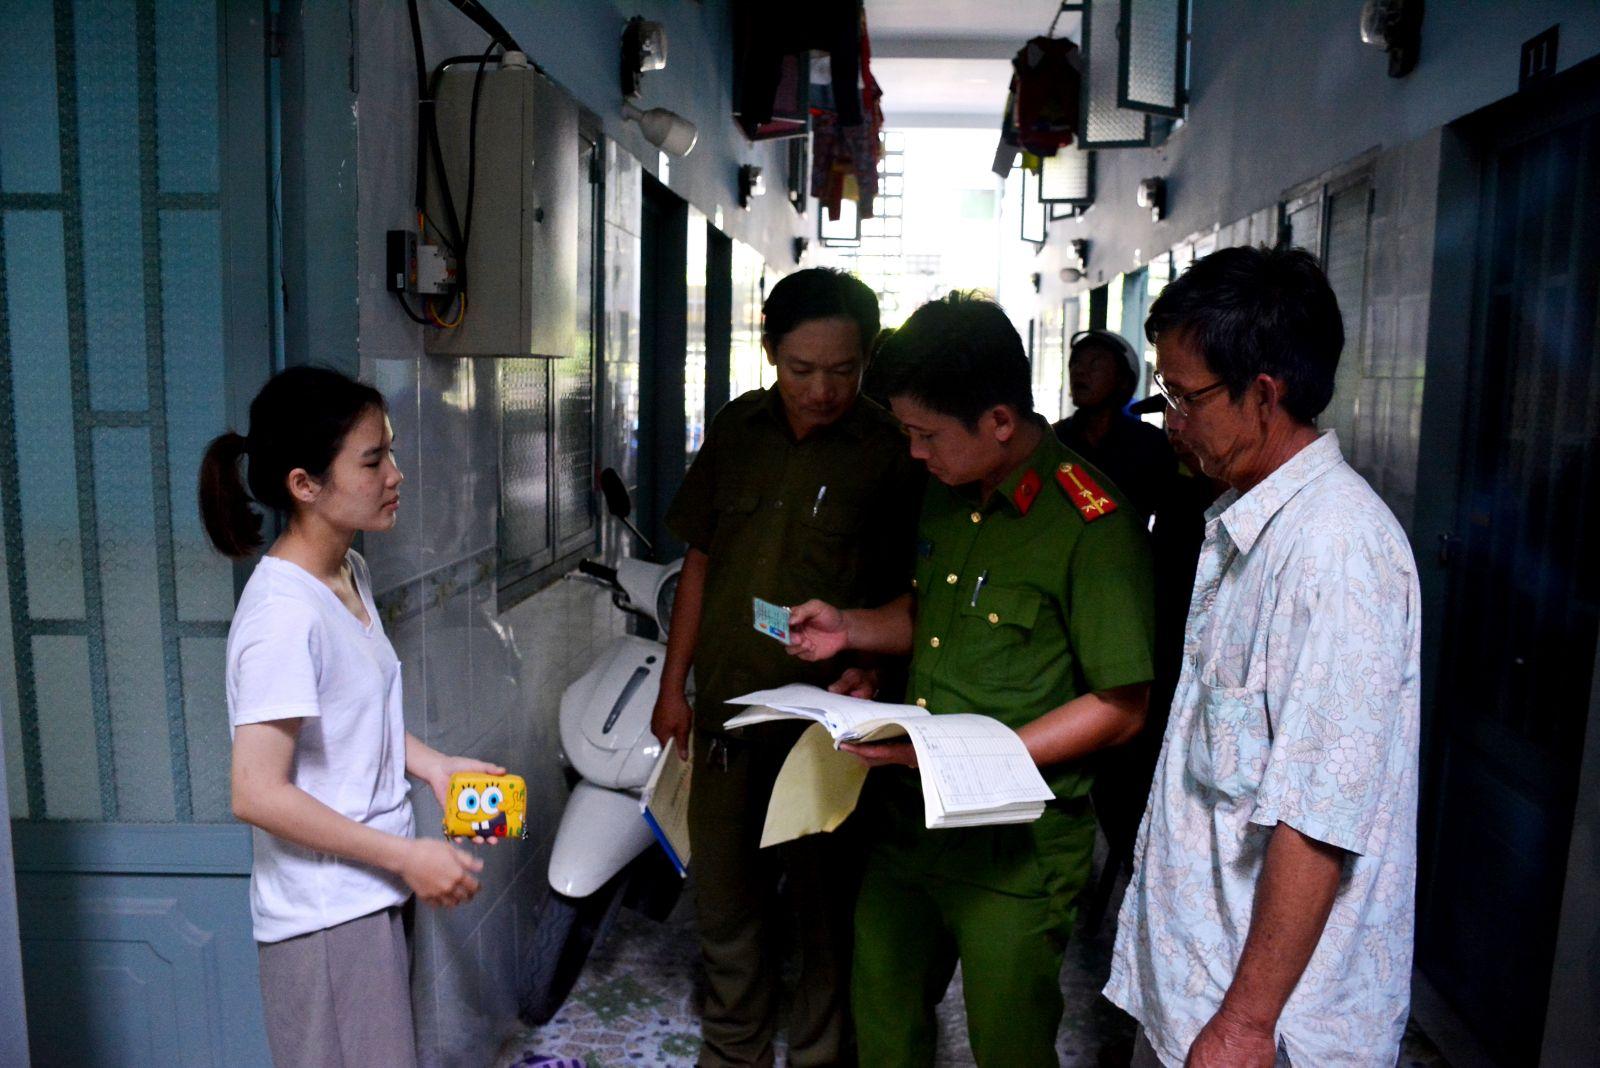 Lực lượng công an kiểm tra lưu trú tại nhà trọ có đông công nhân, lao động